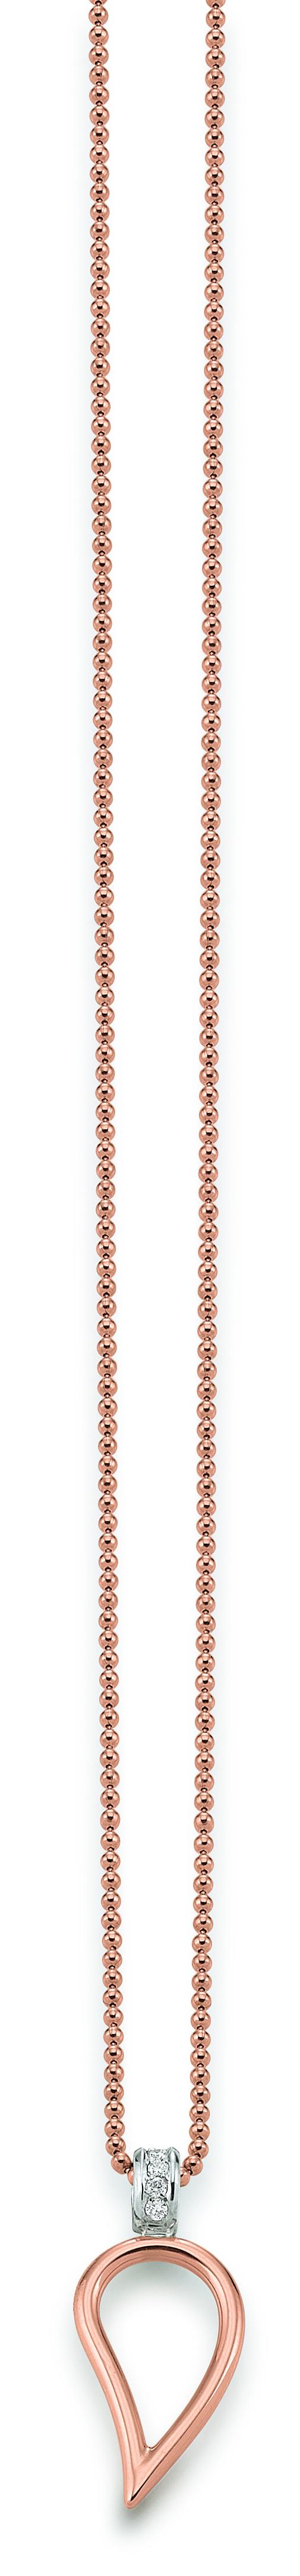 Kette Rose Gold 585 | 750 Anhänger Weiß Rose 585 | 750 mit Brillanten